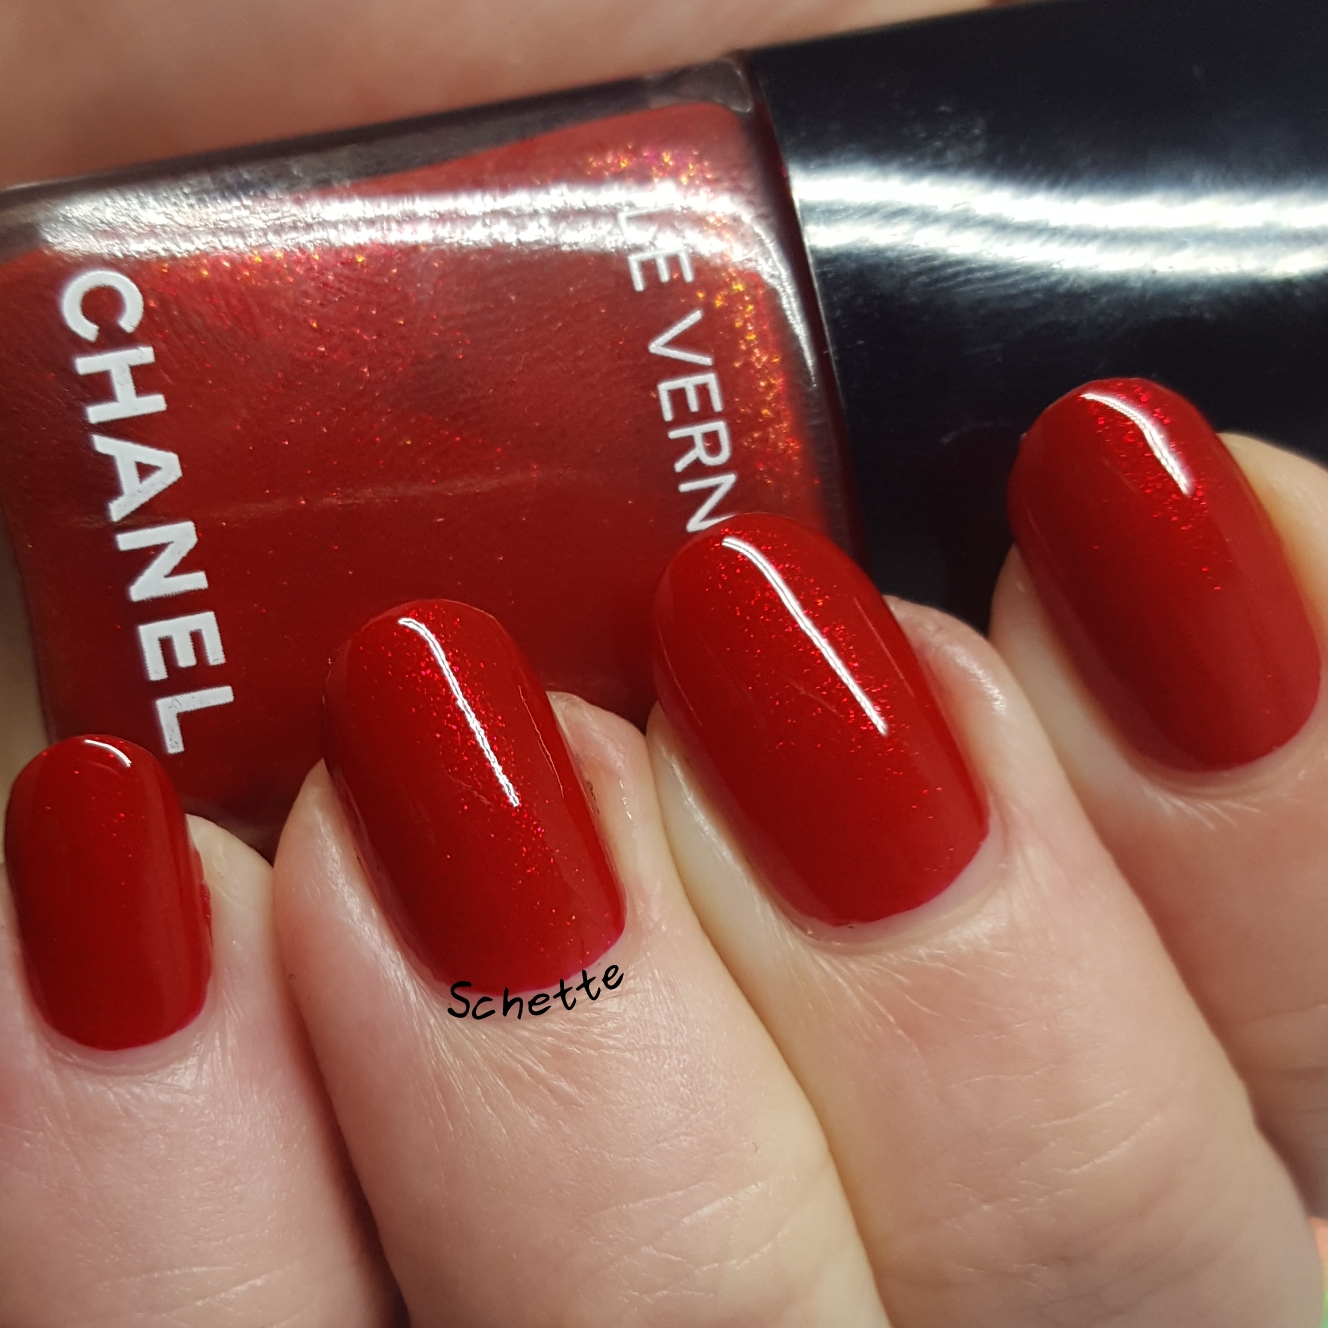 Chanel - Flamboyance